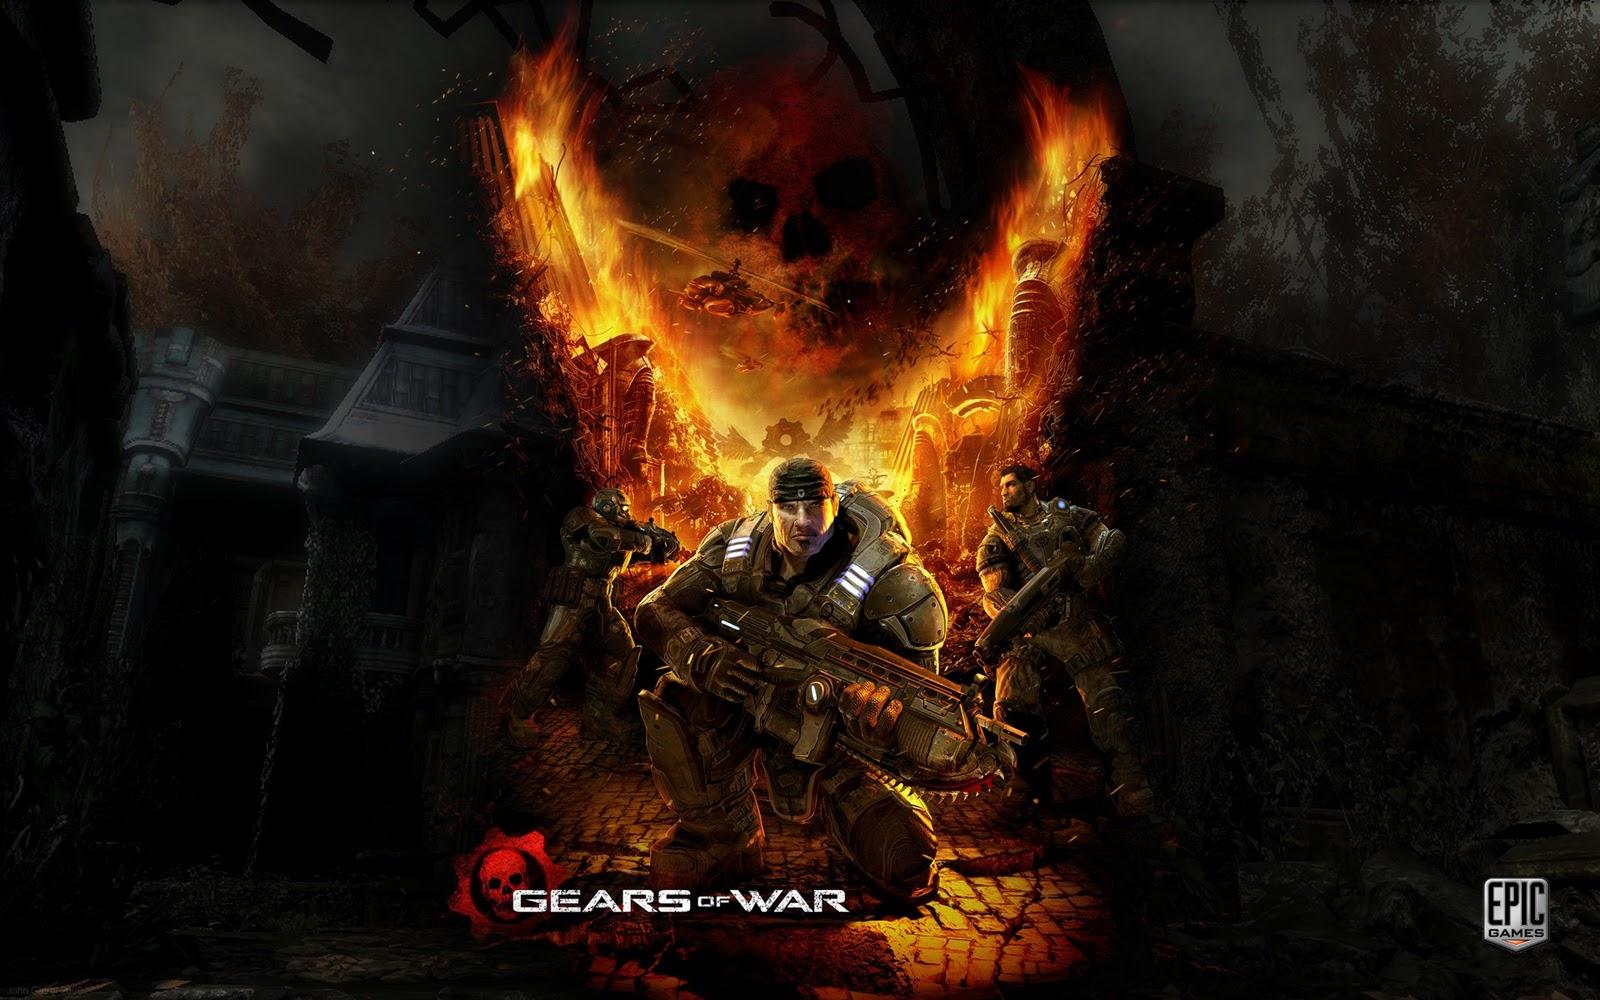 http://2.bp.blogspot.com/-c-KftLZftPY/Tot_A9vxMAI/AAAAAAAAEH4/shxBtJg8aHc/s1600/gears_of_war_game-wide.jpg